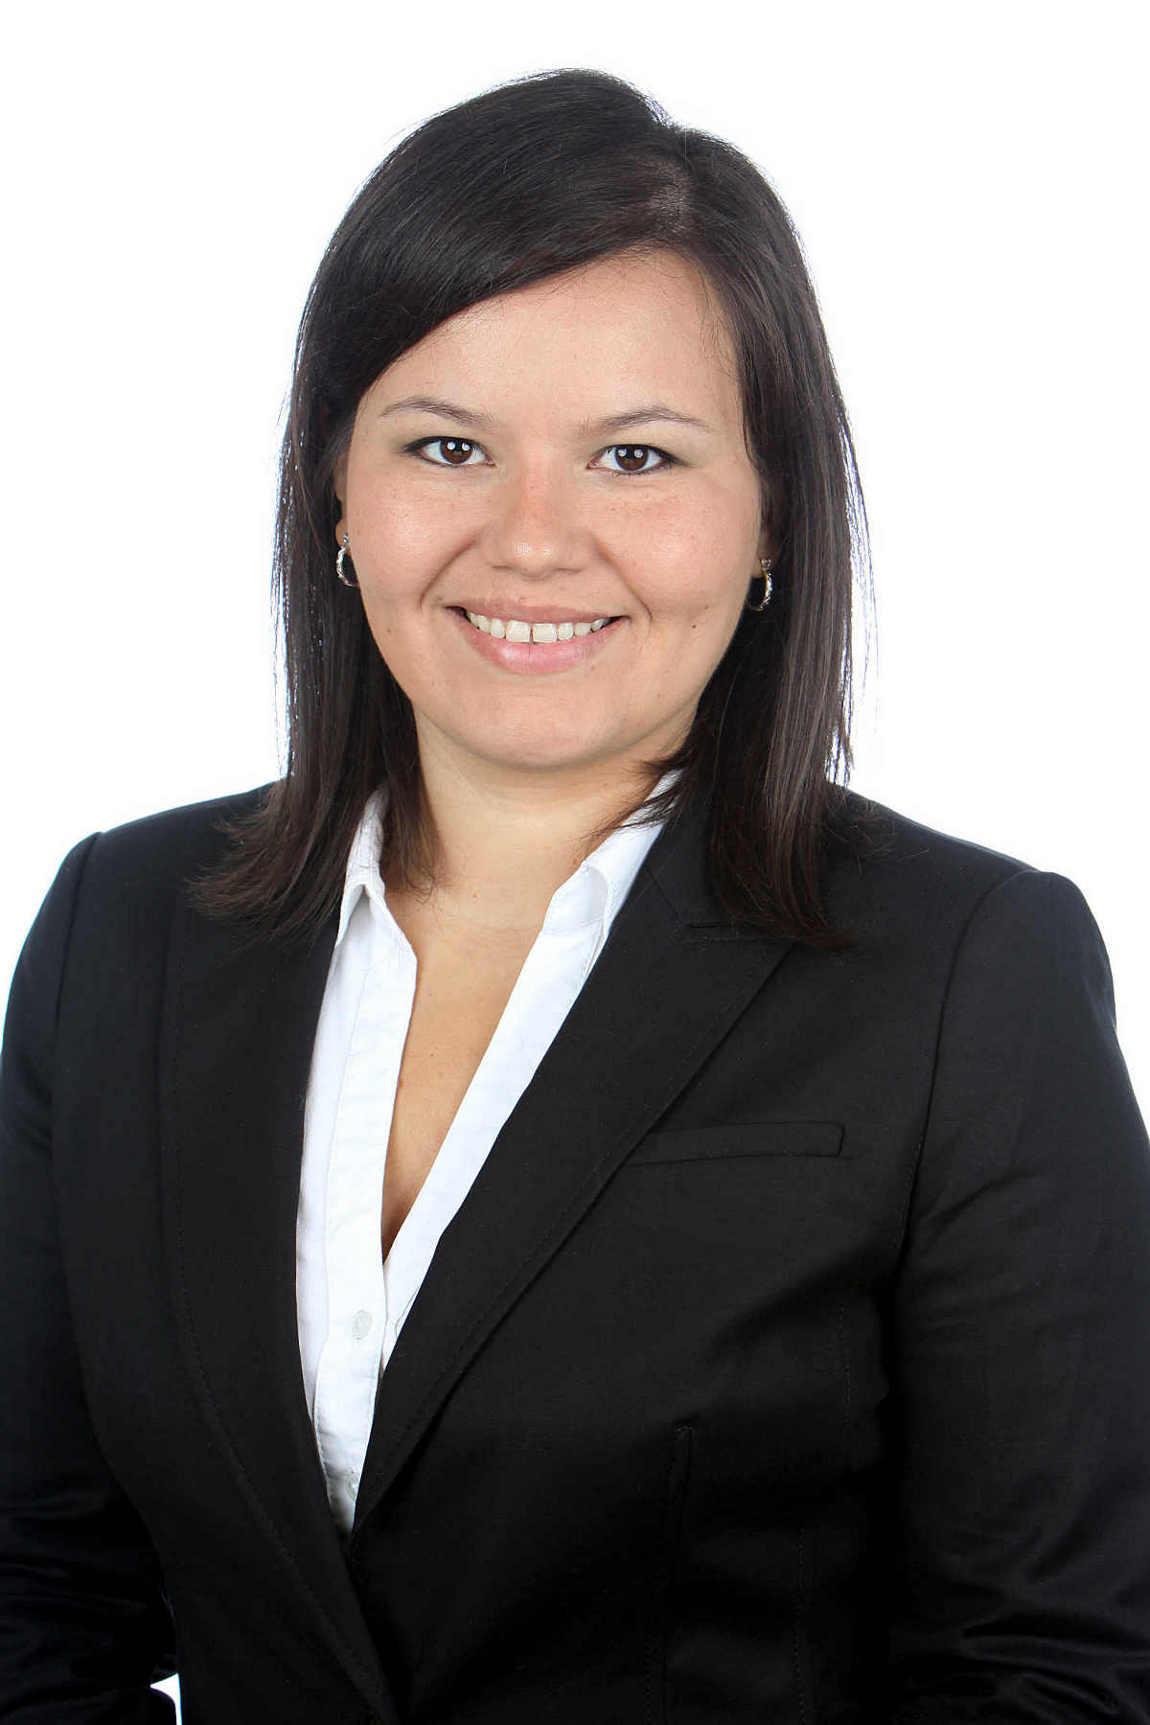 Ruth Villanueva